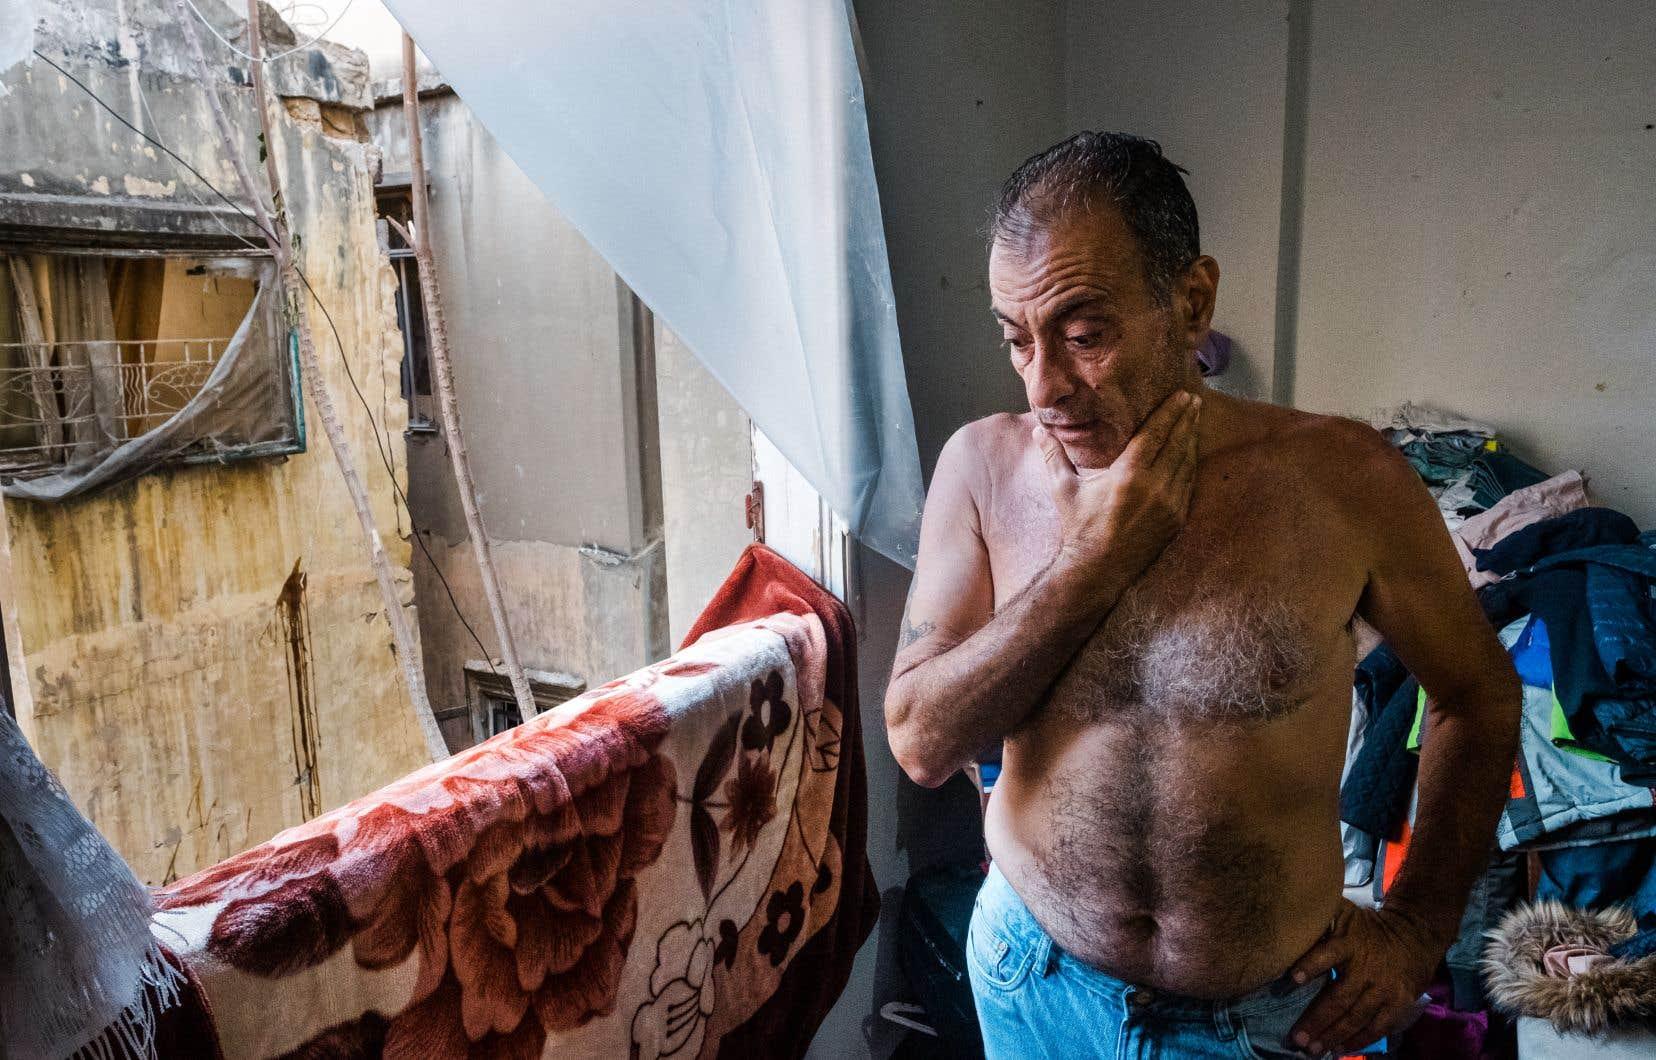 Abdu Barakat a tout perdu lors de l'explosion, mais «grâce à Dieu», ses enfants et sa conjointe s'en sont sortis indemnes, explique-t-il, les mains tremblantes. Lorsque ses fils entendent le moindre claquement, ils se jettent dans ses bras, traumatisés.